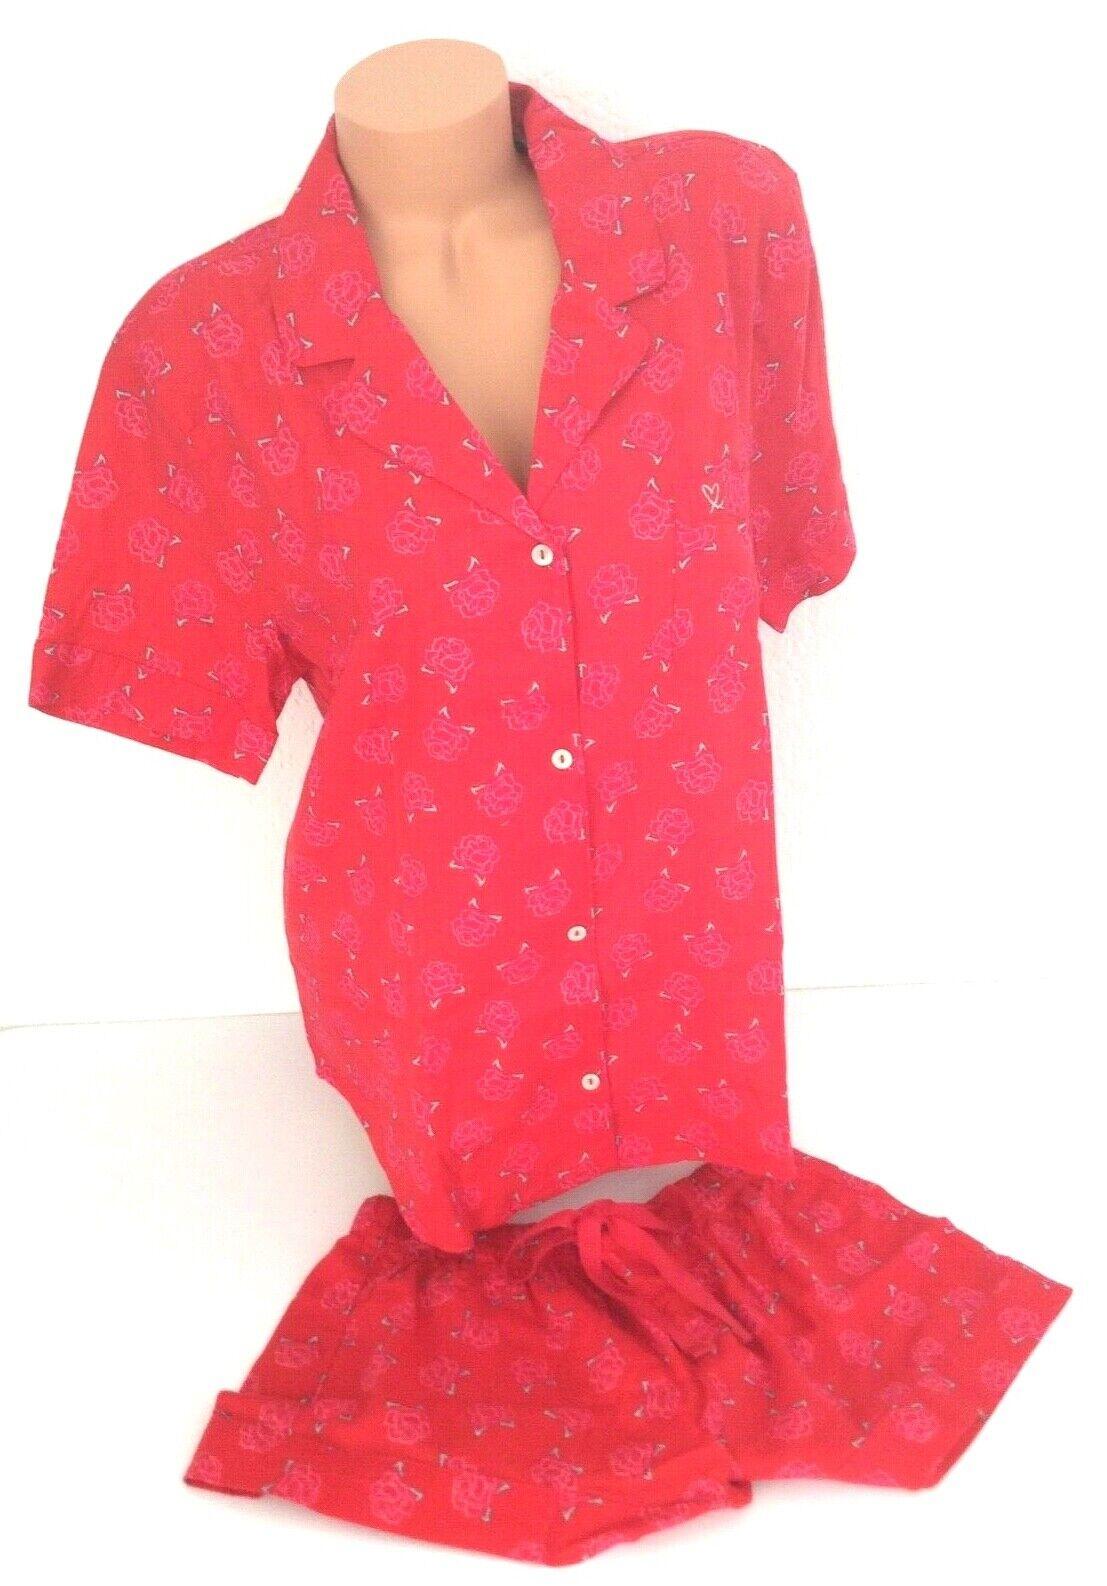 NEW Victoria's Secret Flannel Boxer PJ Pajama set shorts shirt cozy red floral L